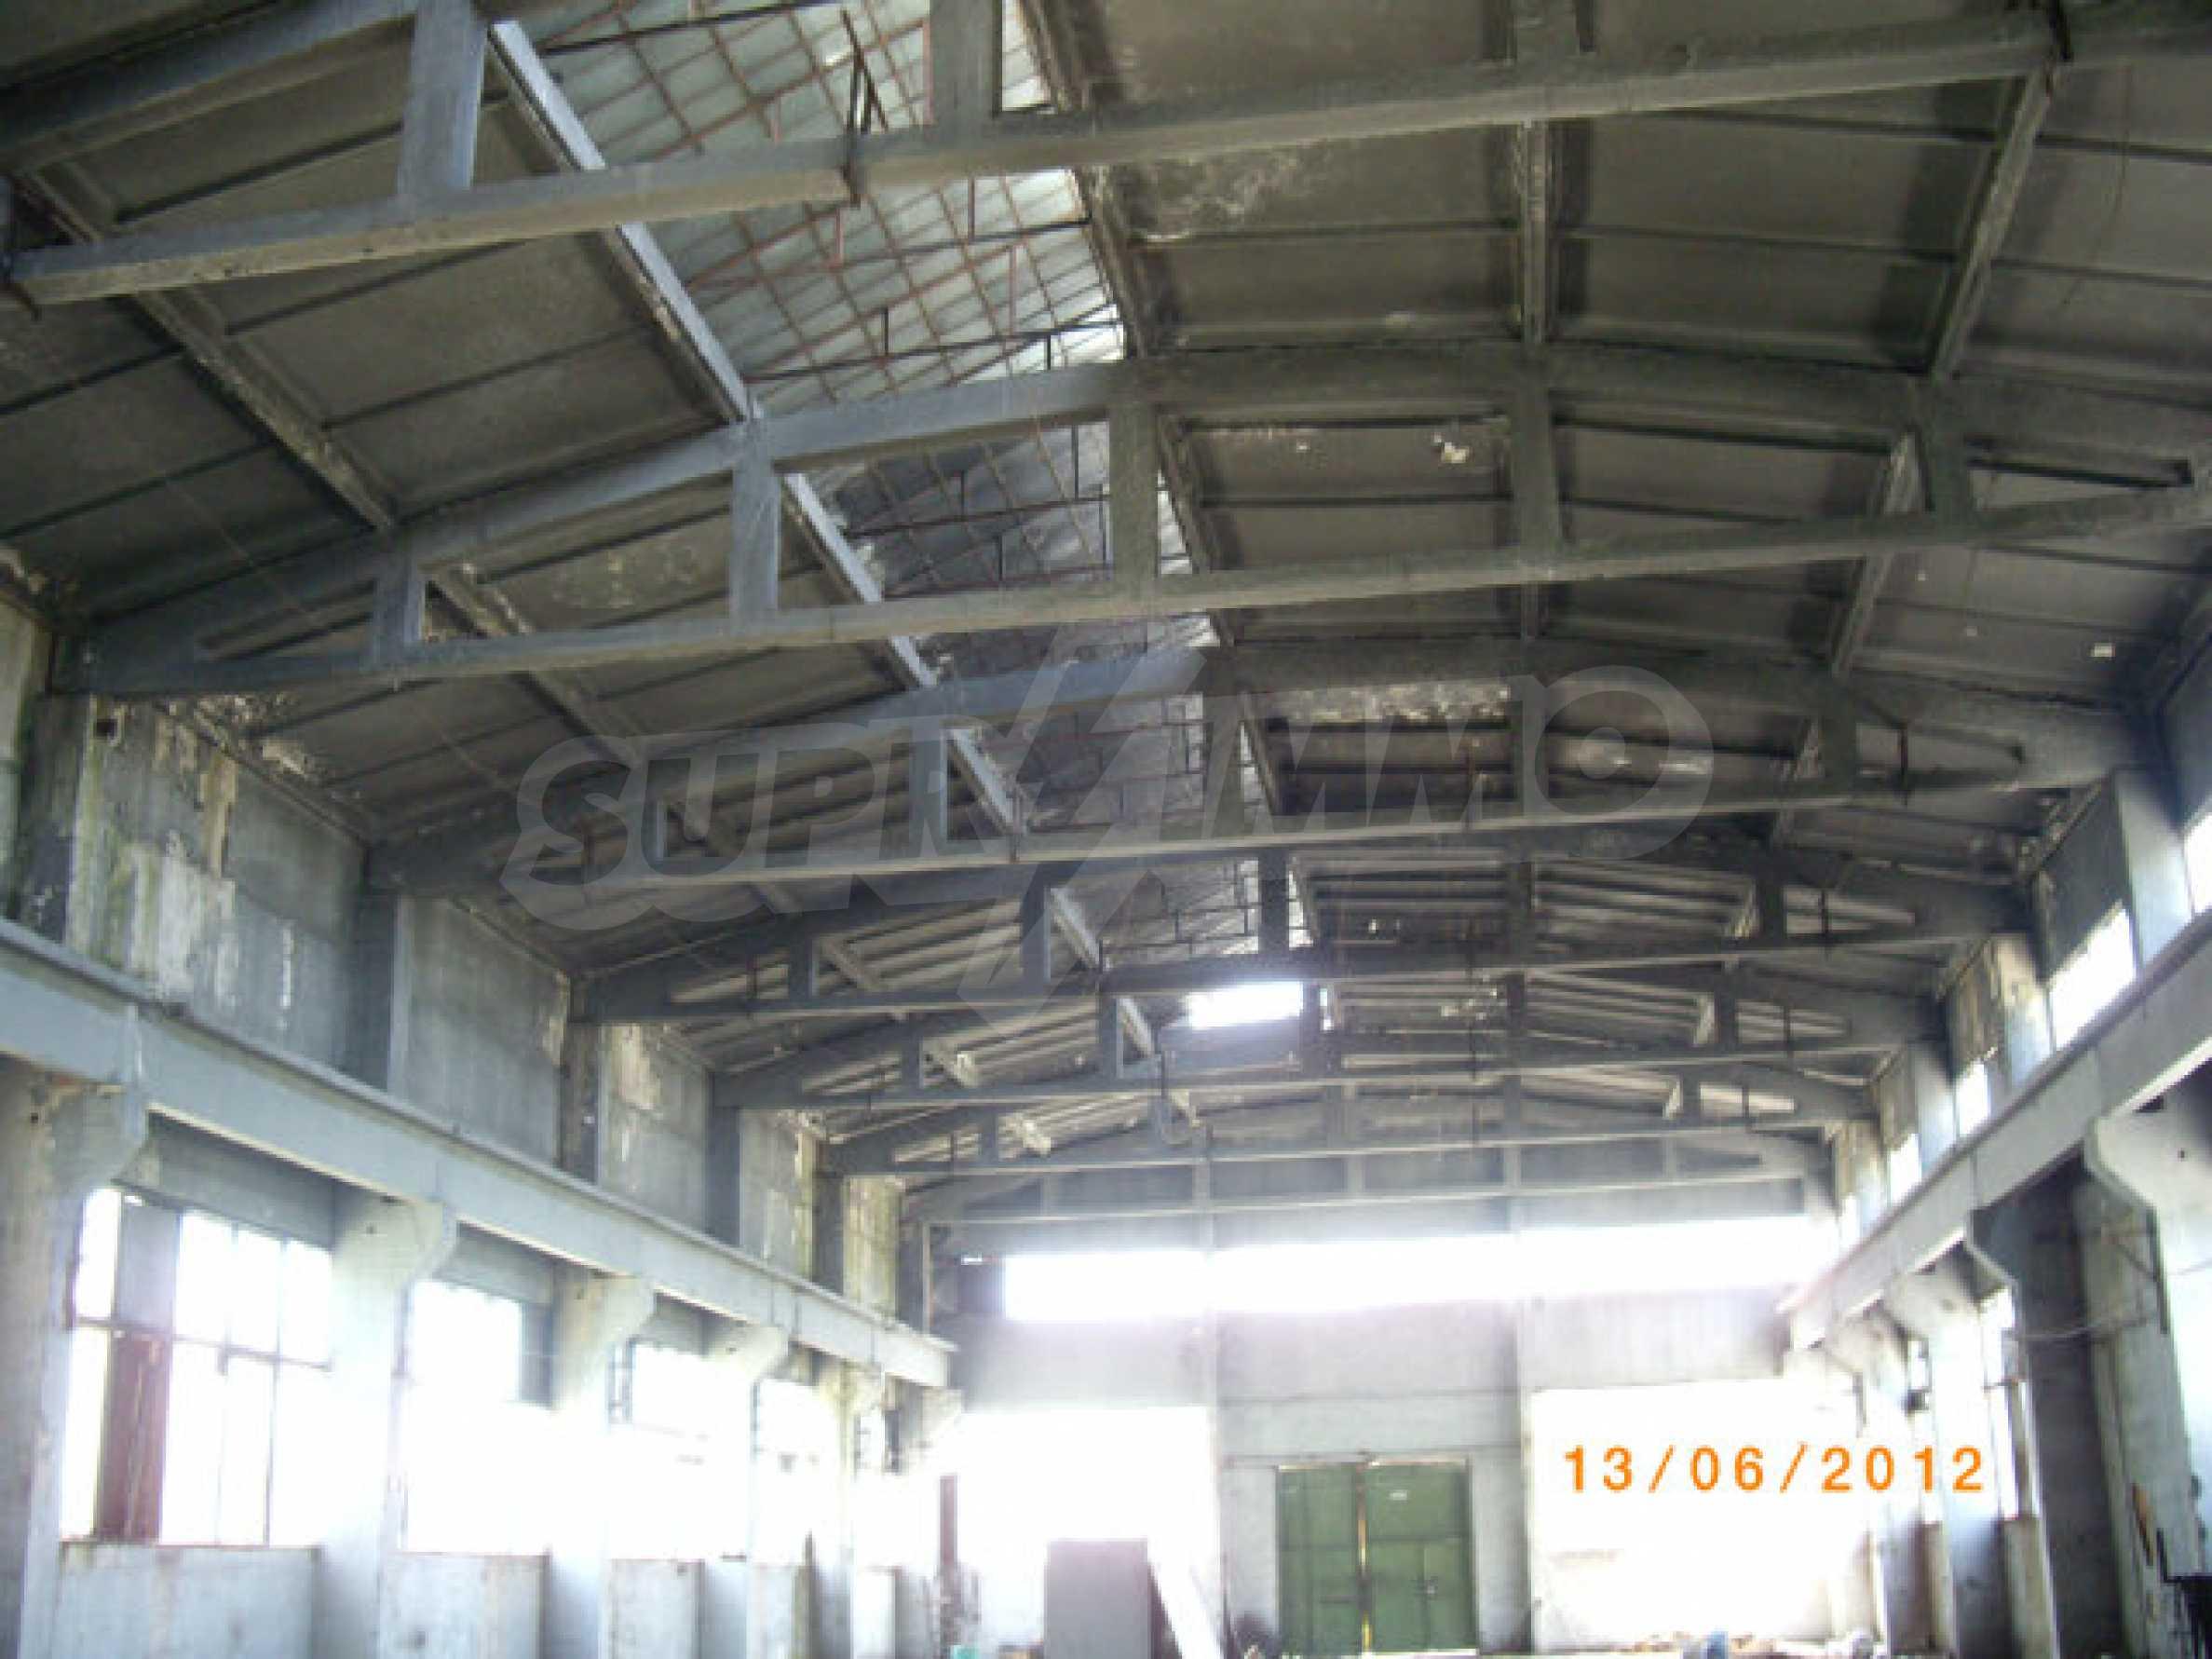 Produktionsgebäude mit Dienstleistungs- und Verwaltungsgebäude in der Nähe von Monatan 19